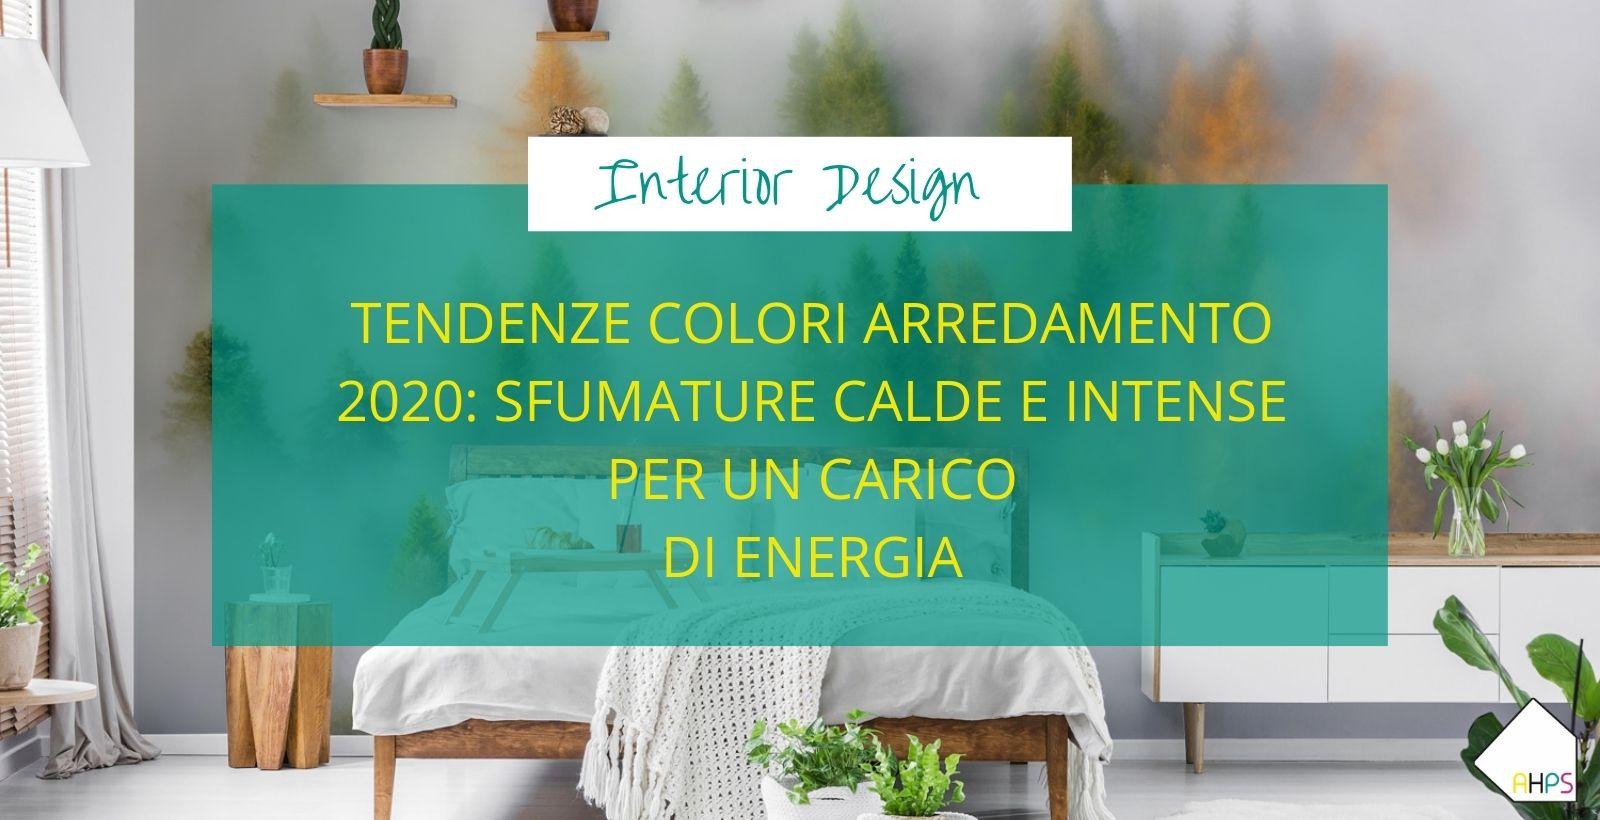 Tendenze colori arredamento 2020